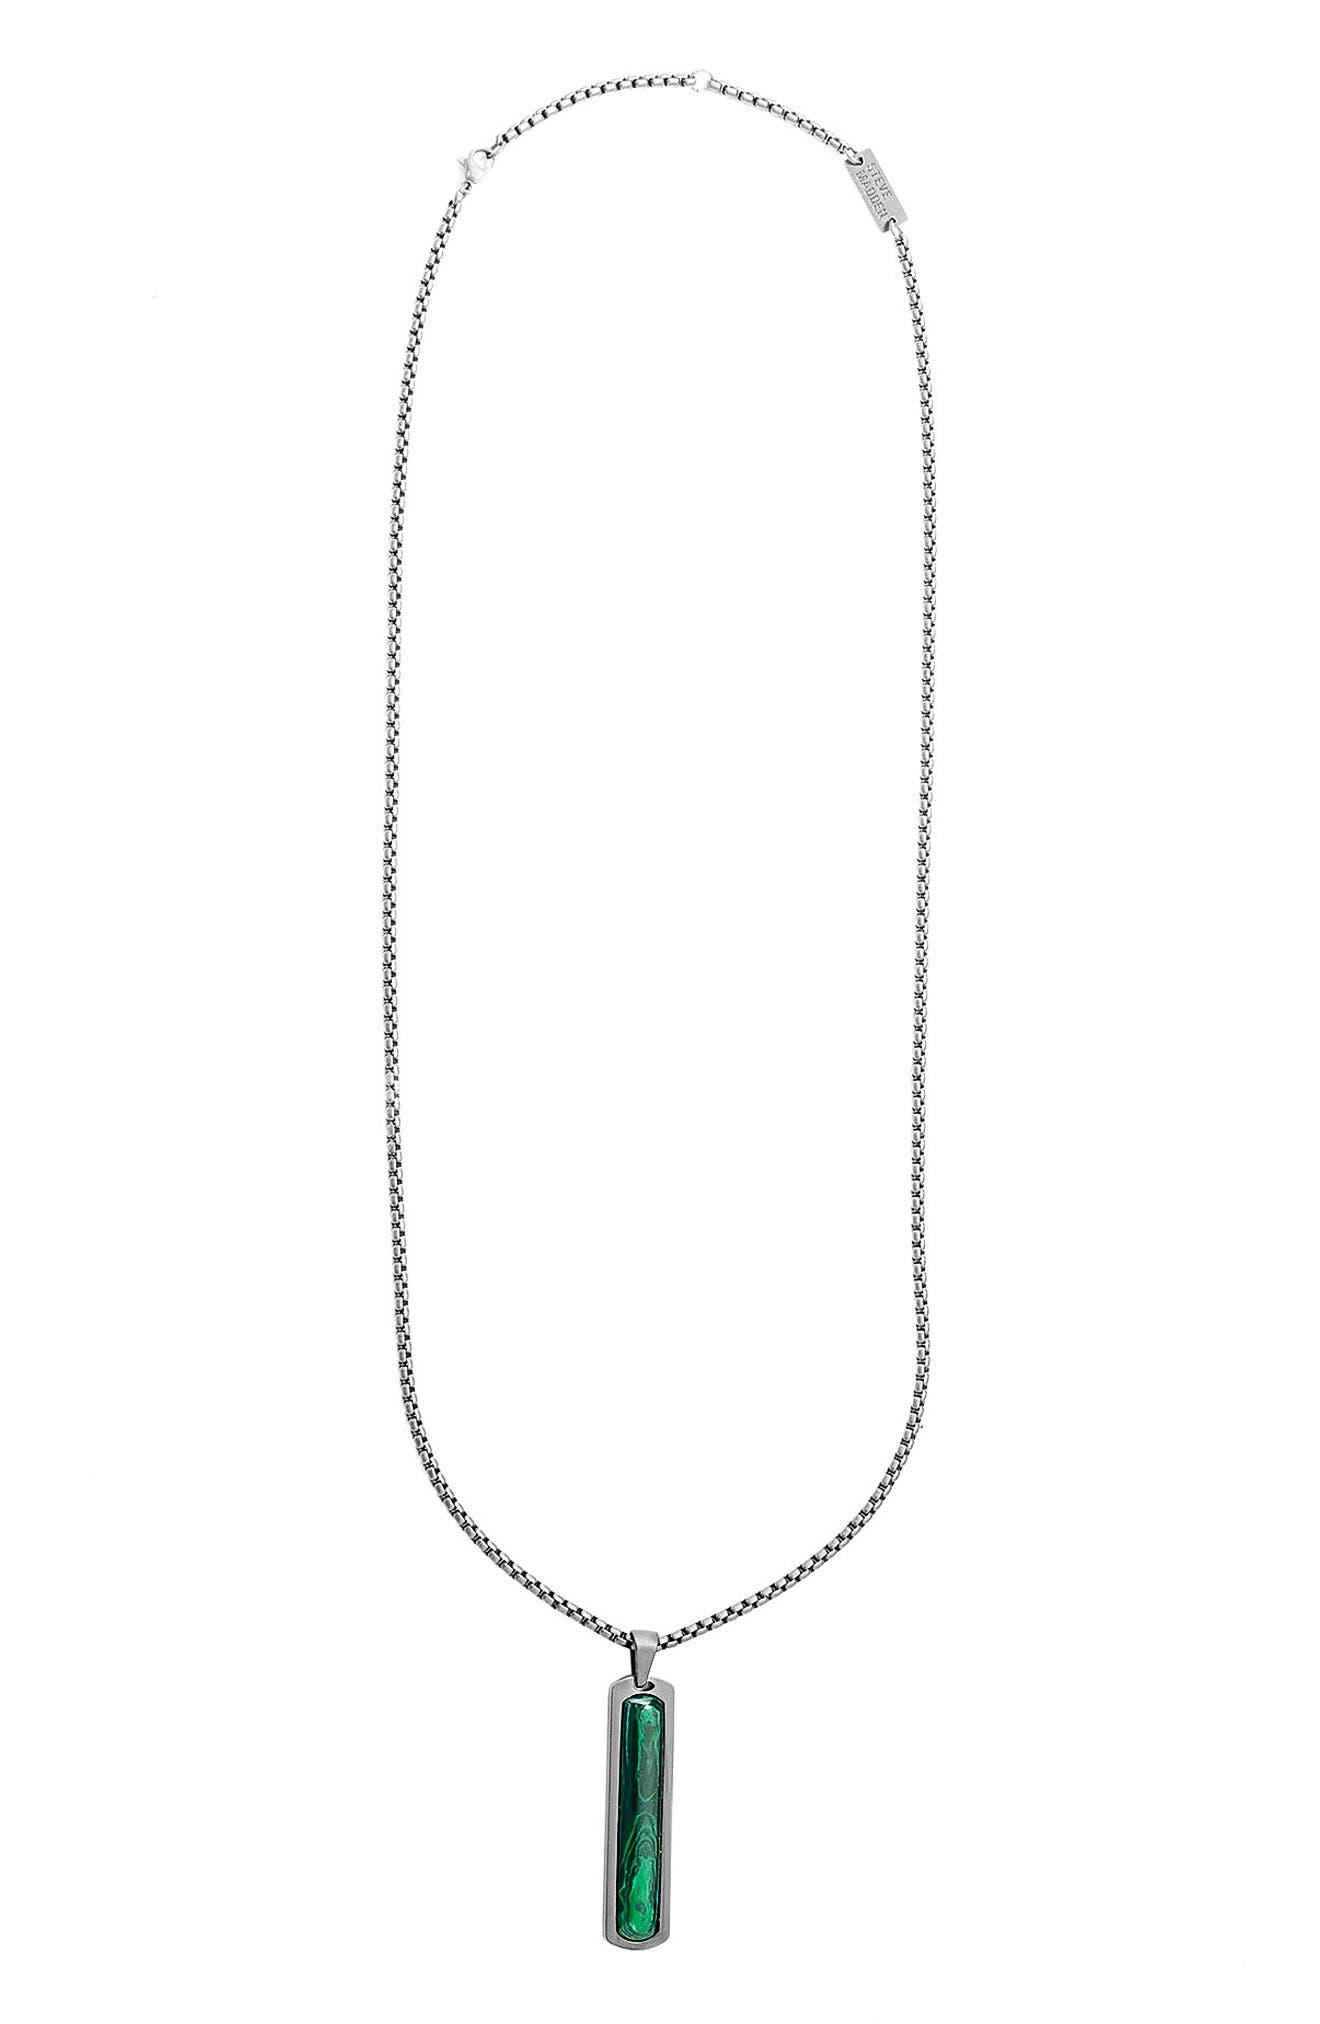 Main Image - Steve Madden Oxidized Malachite Pendant Necklace